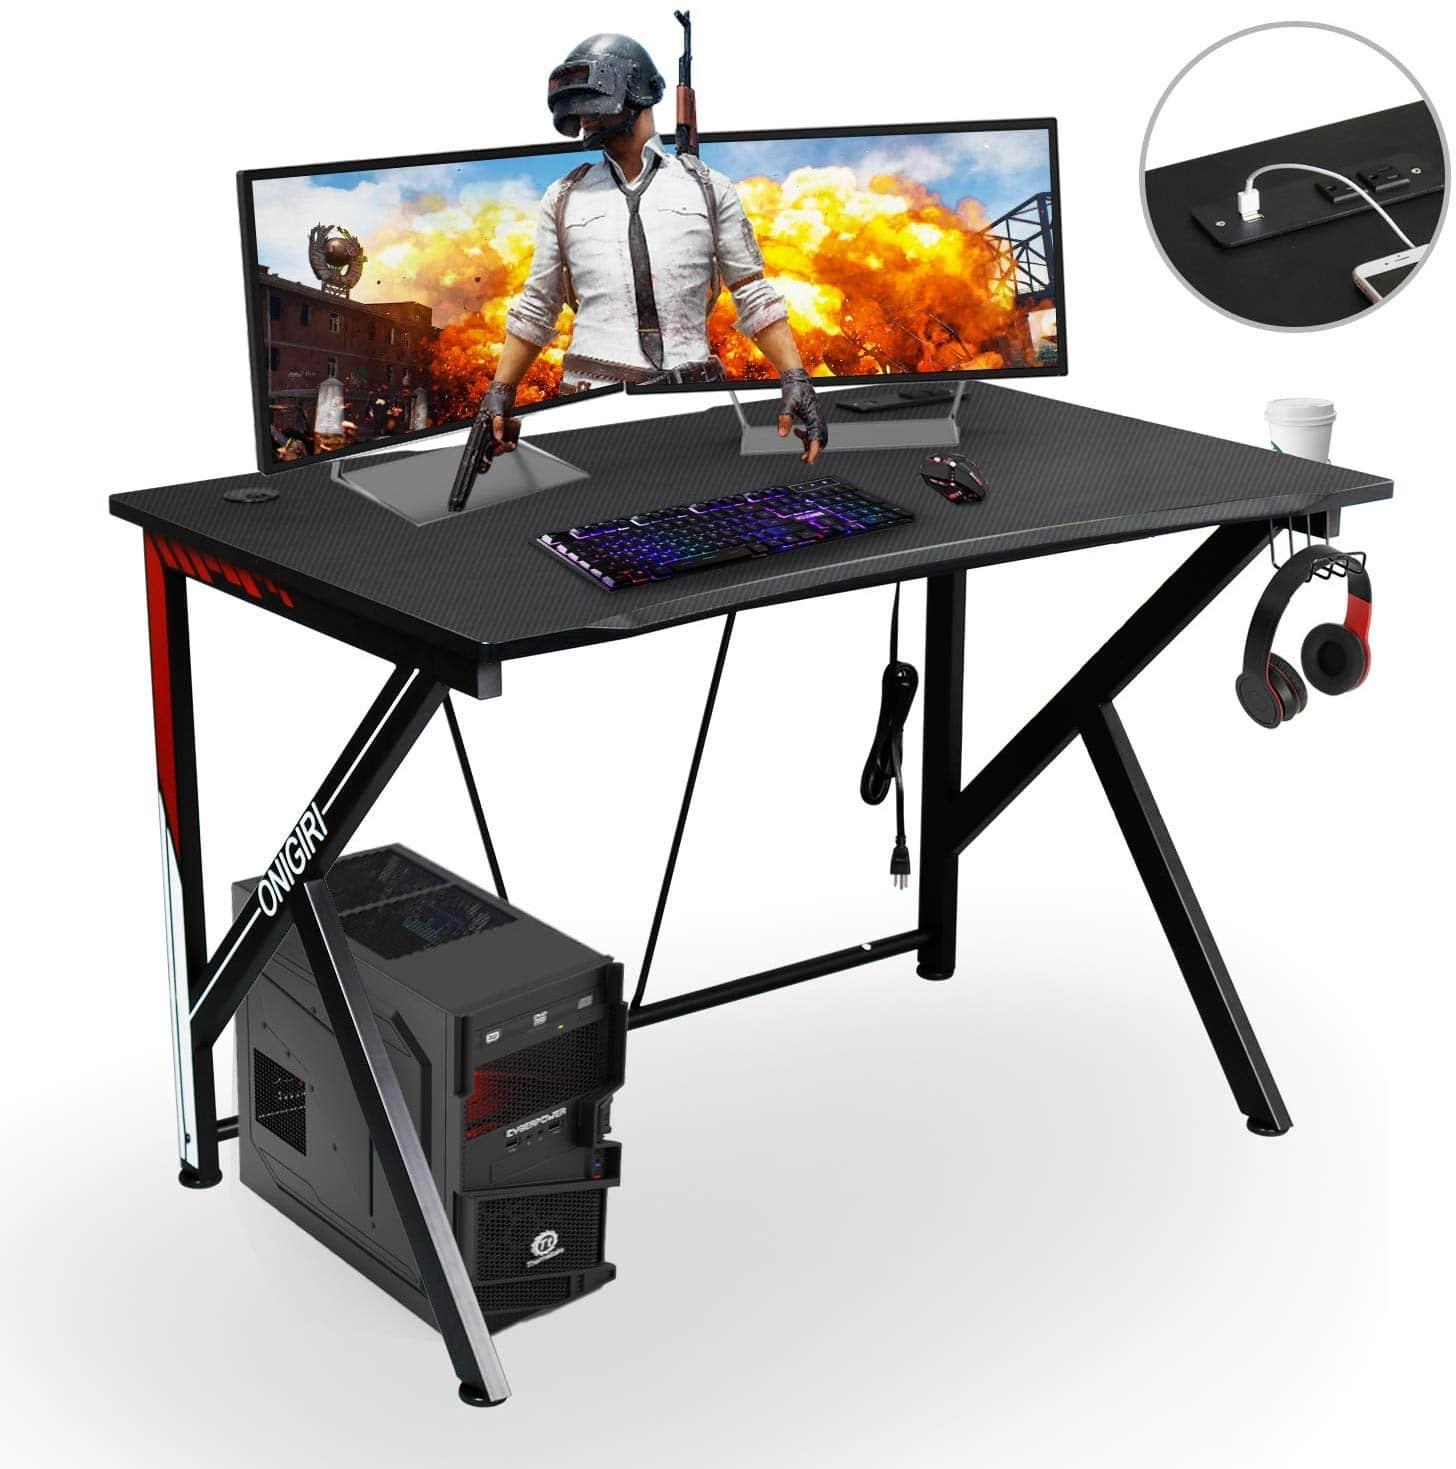 Yigobuy Gaming Desk